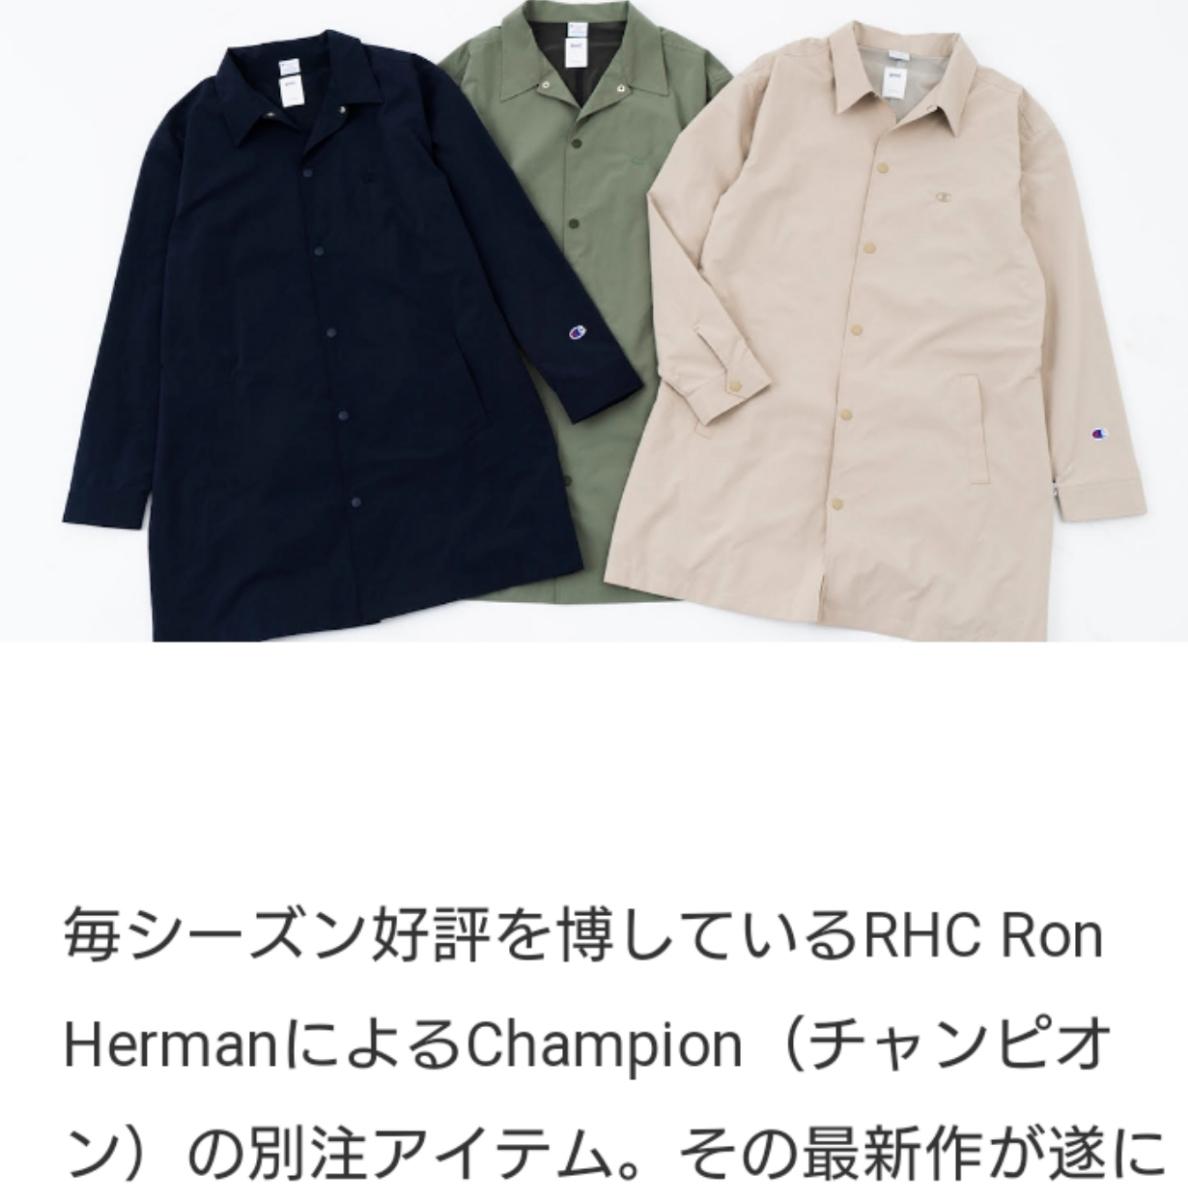 新作19SS新品 RHCロンハーマン別注 Champion RHC Ron Herman x チャンピオン コート ジャケット 国内正規店品 ベージュ_画像1